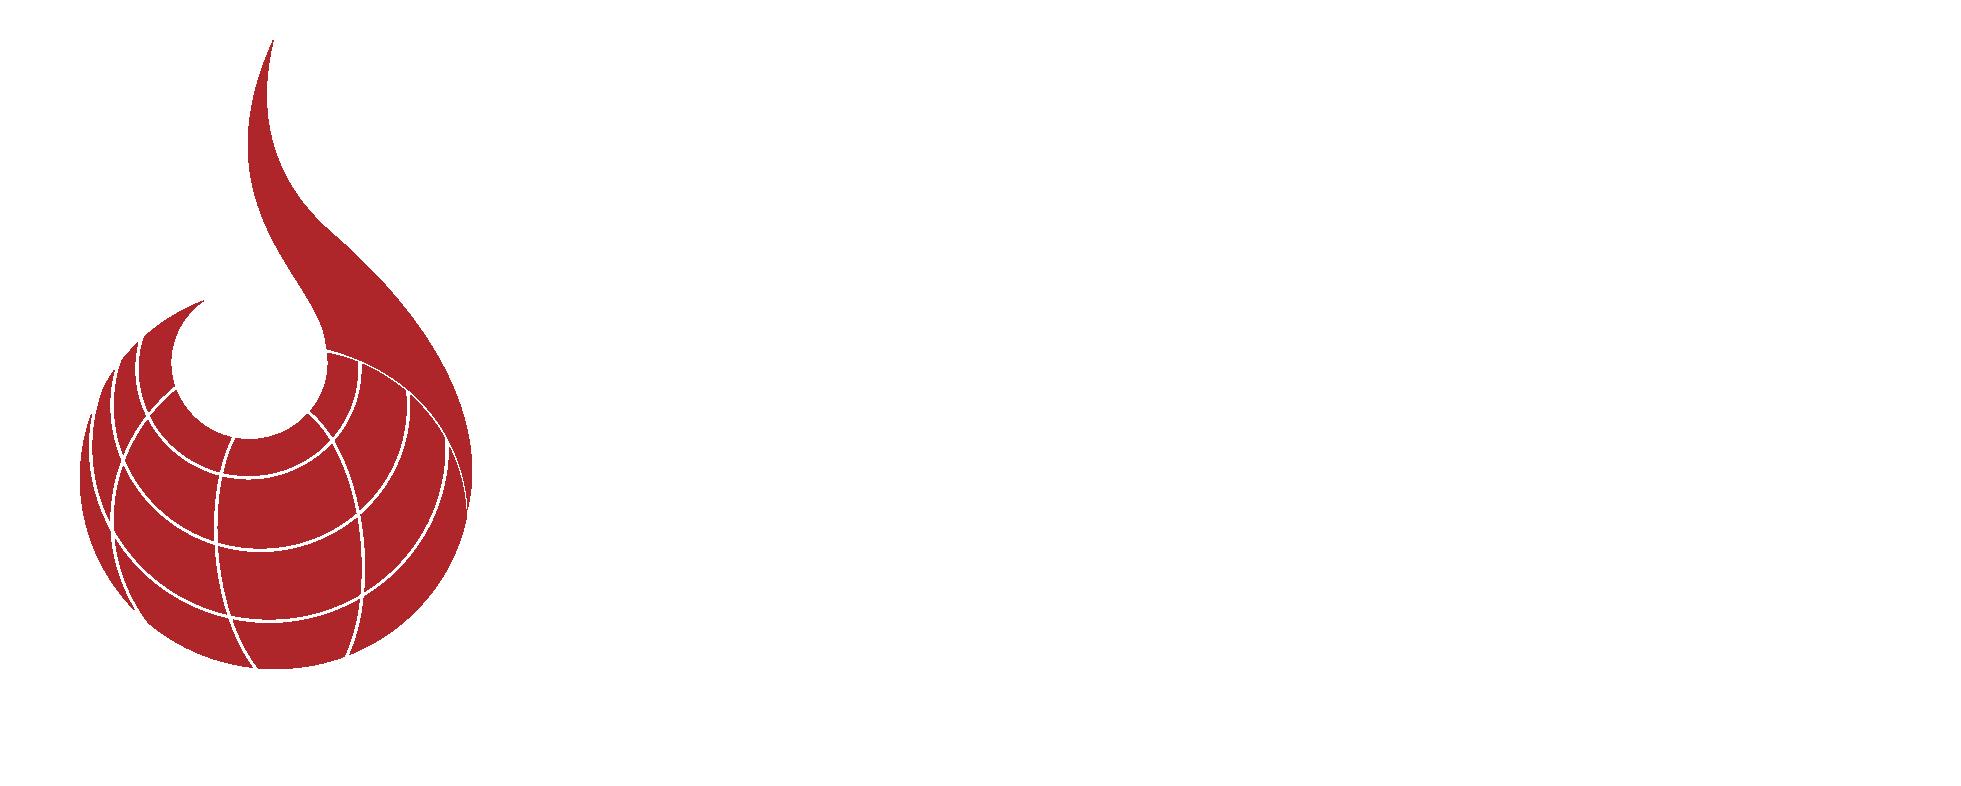 Drakko